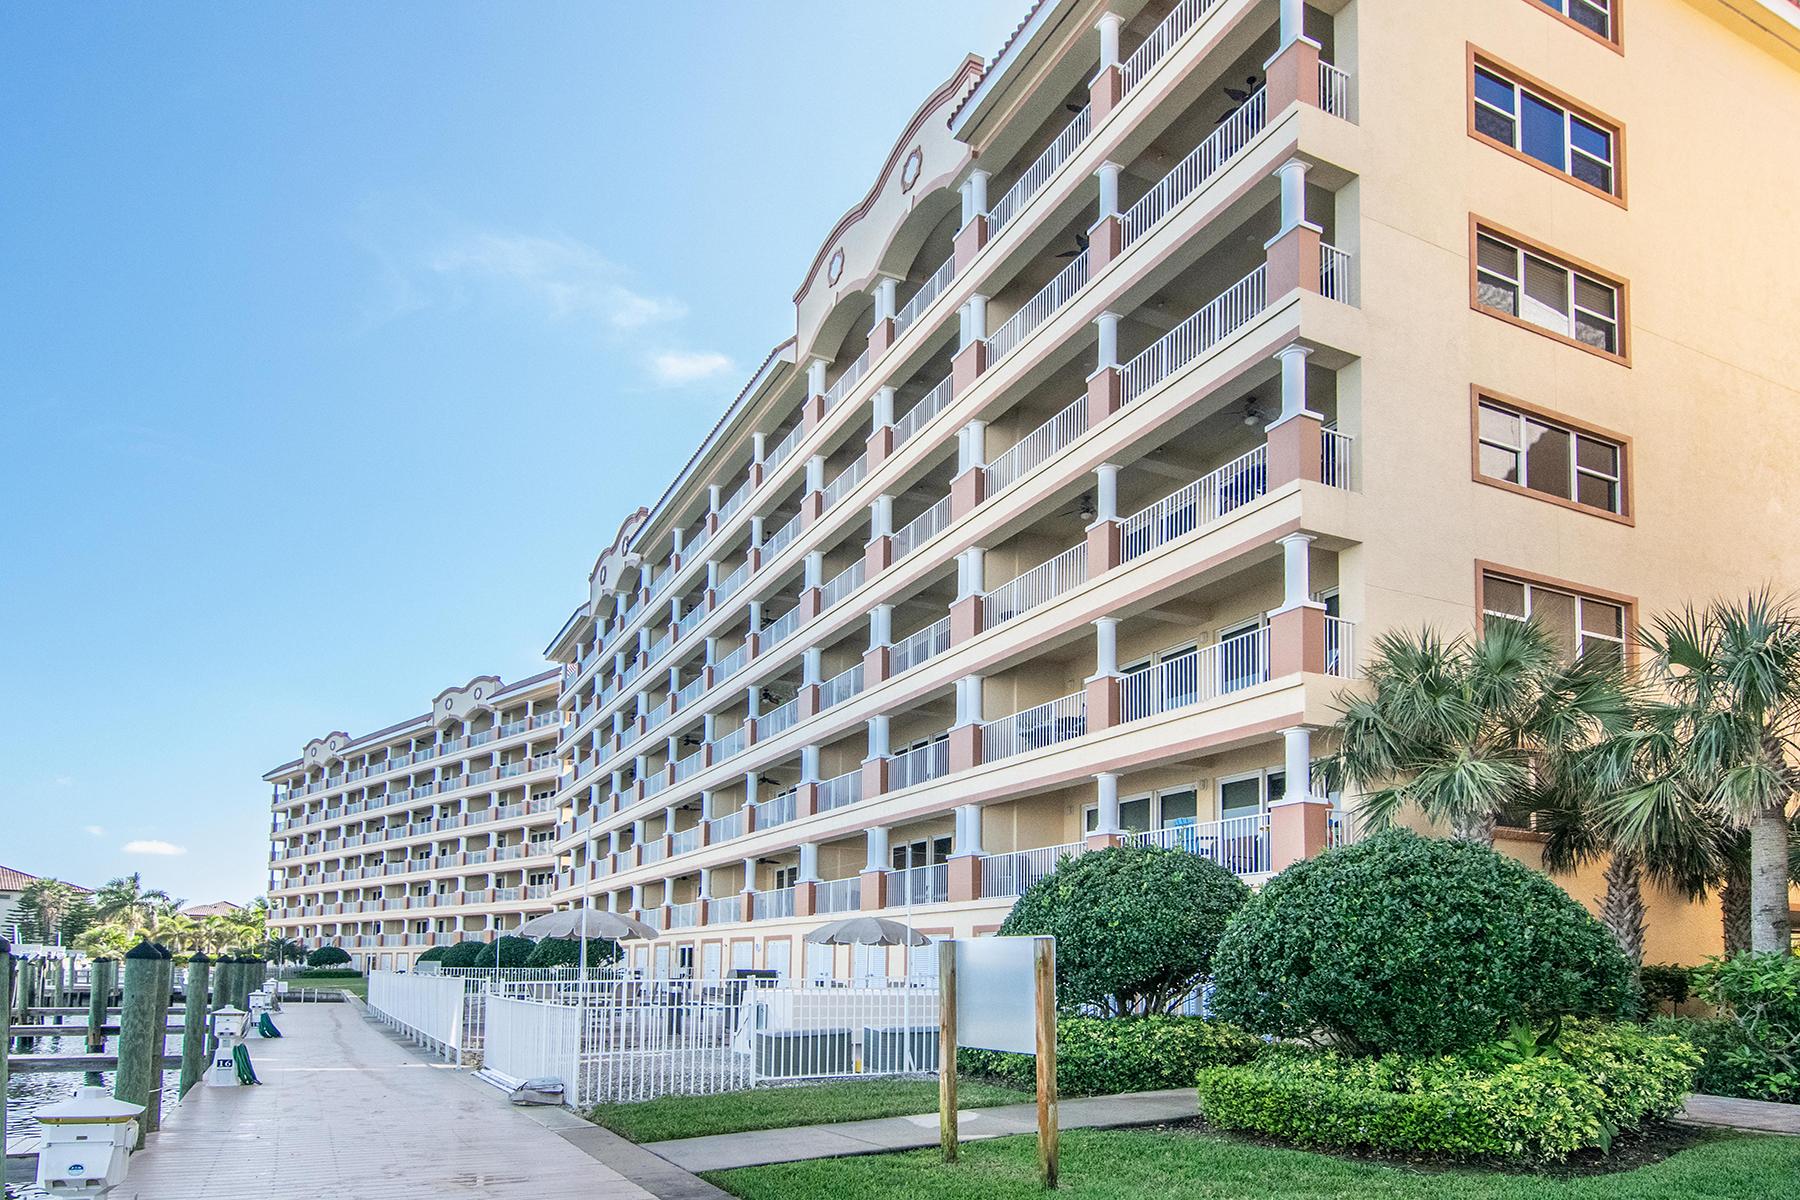 condominiums for Active at REDINGTON SHORES 17735 Gulf Blvd , 701 Redington Shores, Florida 33708 United States